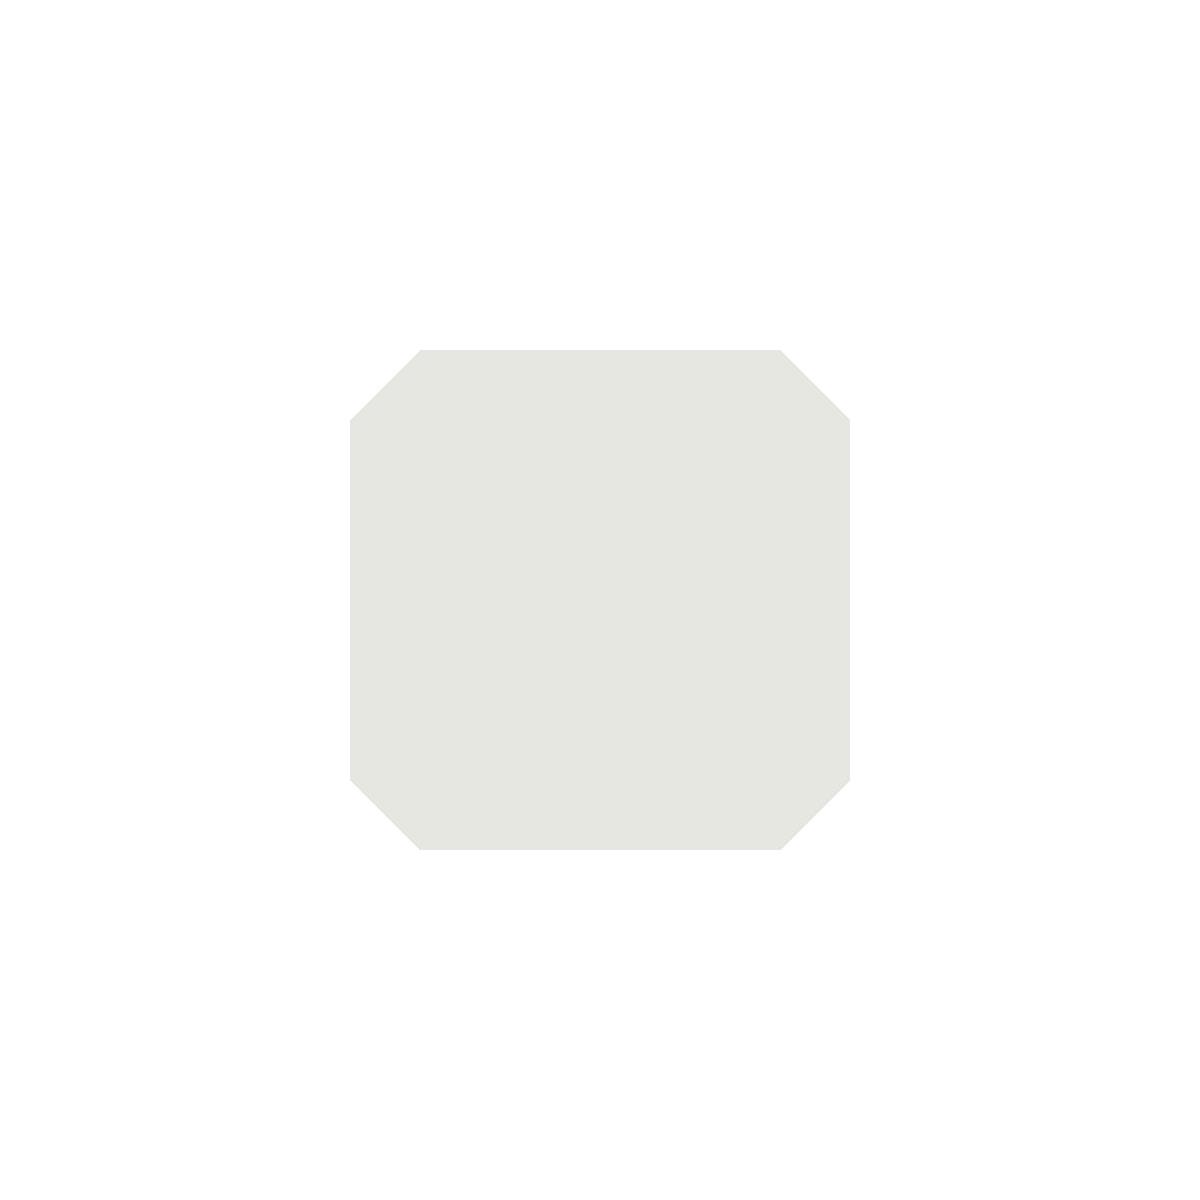 Óctogono Carabet Nácar 20x20 - Suelo hidráulico Porcelánico antihielo